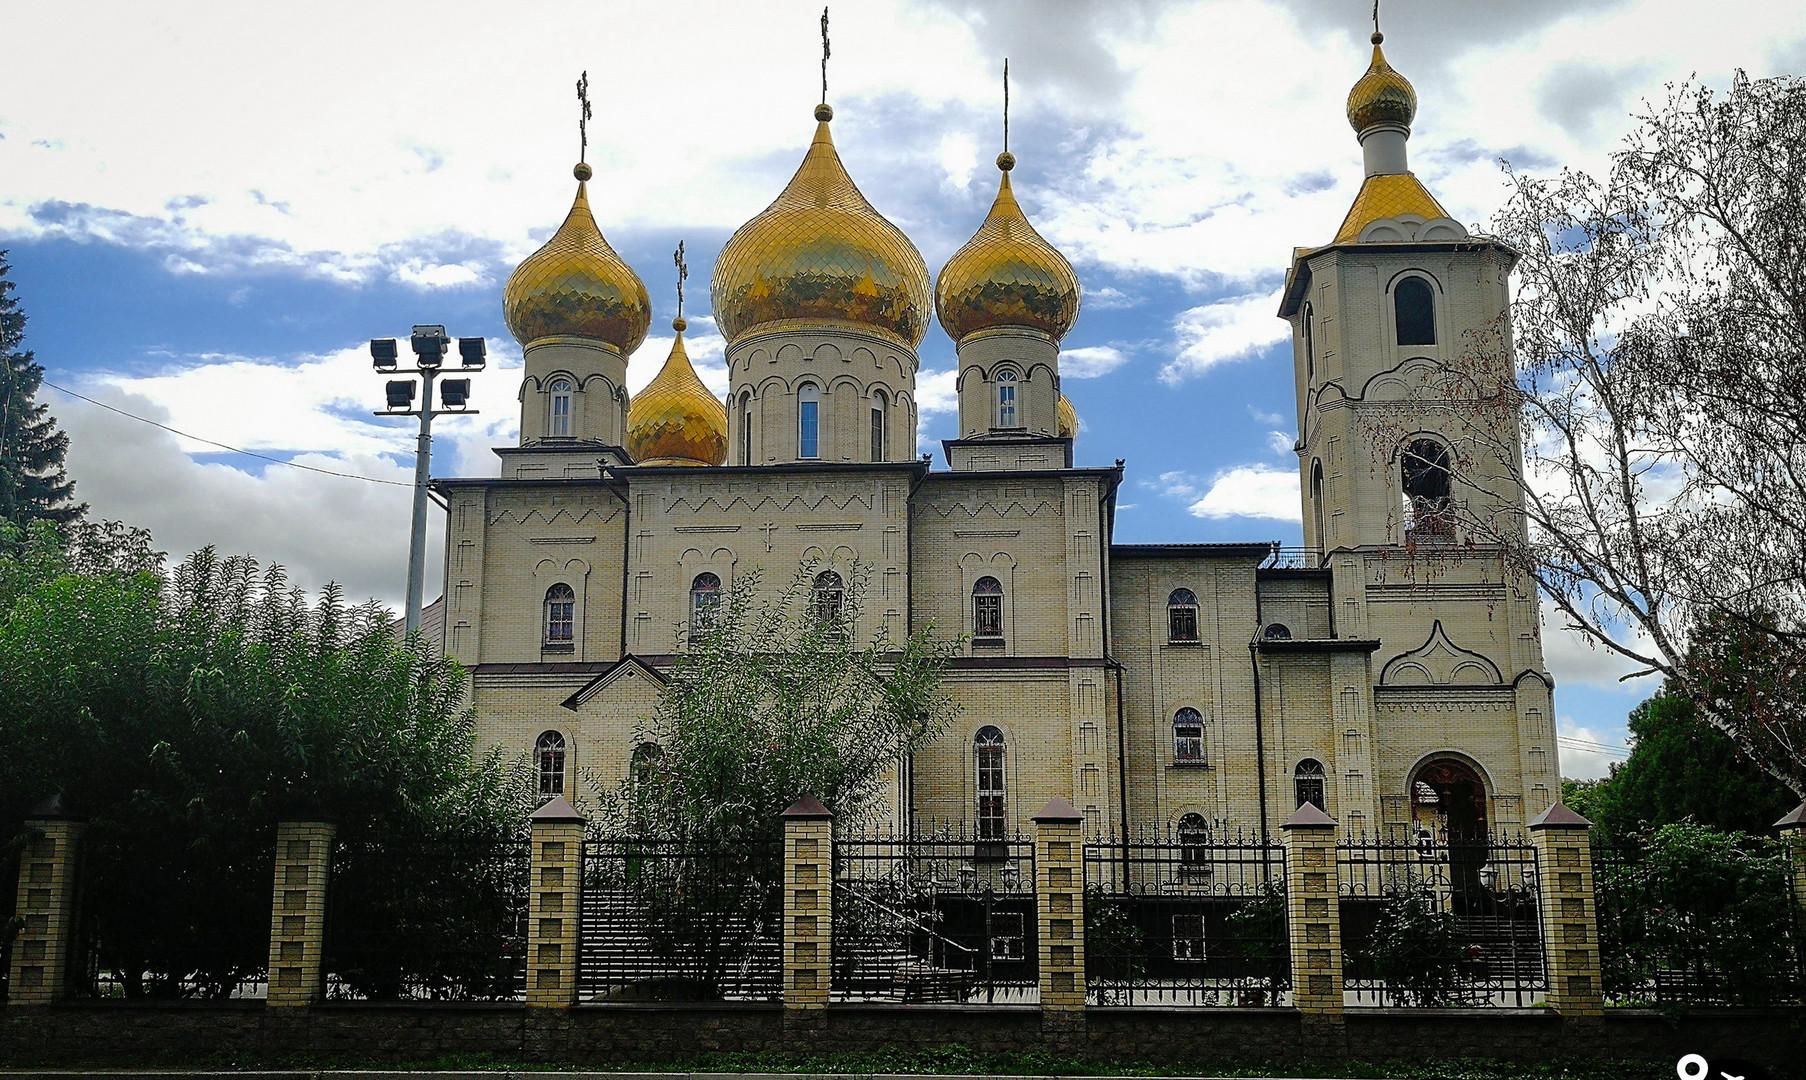 Собор Святителя Николая Чудотворца, Черкесск